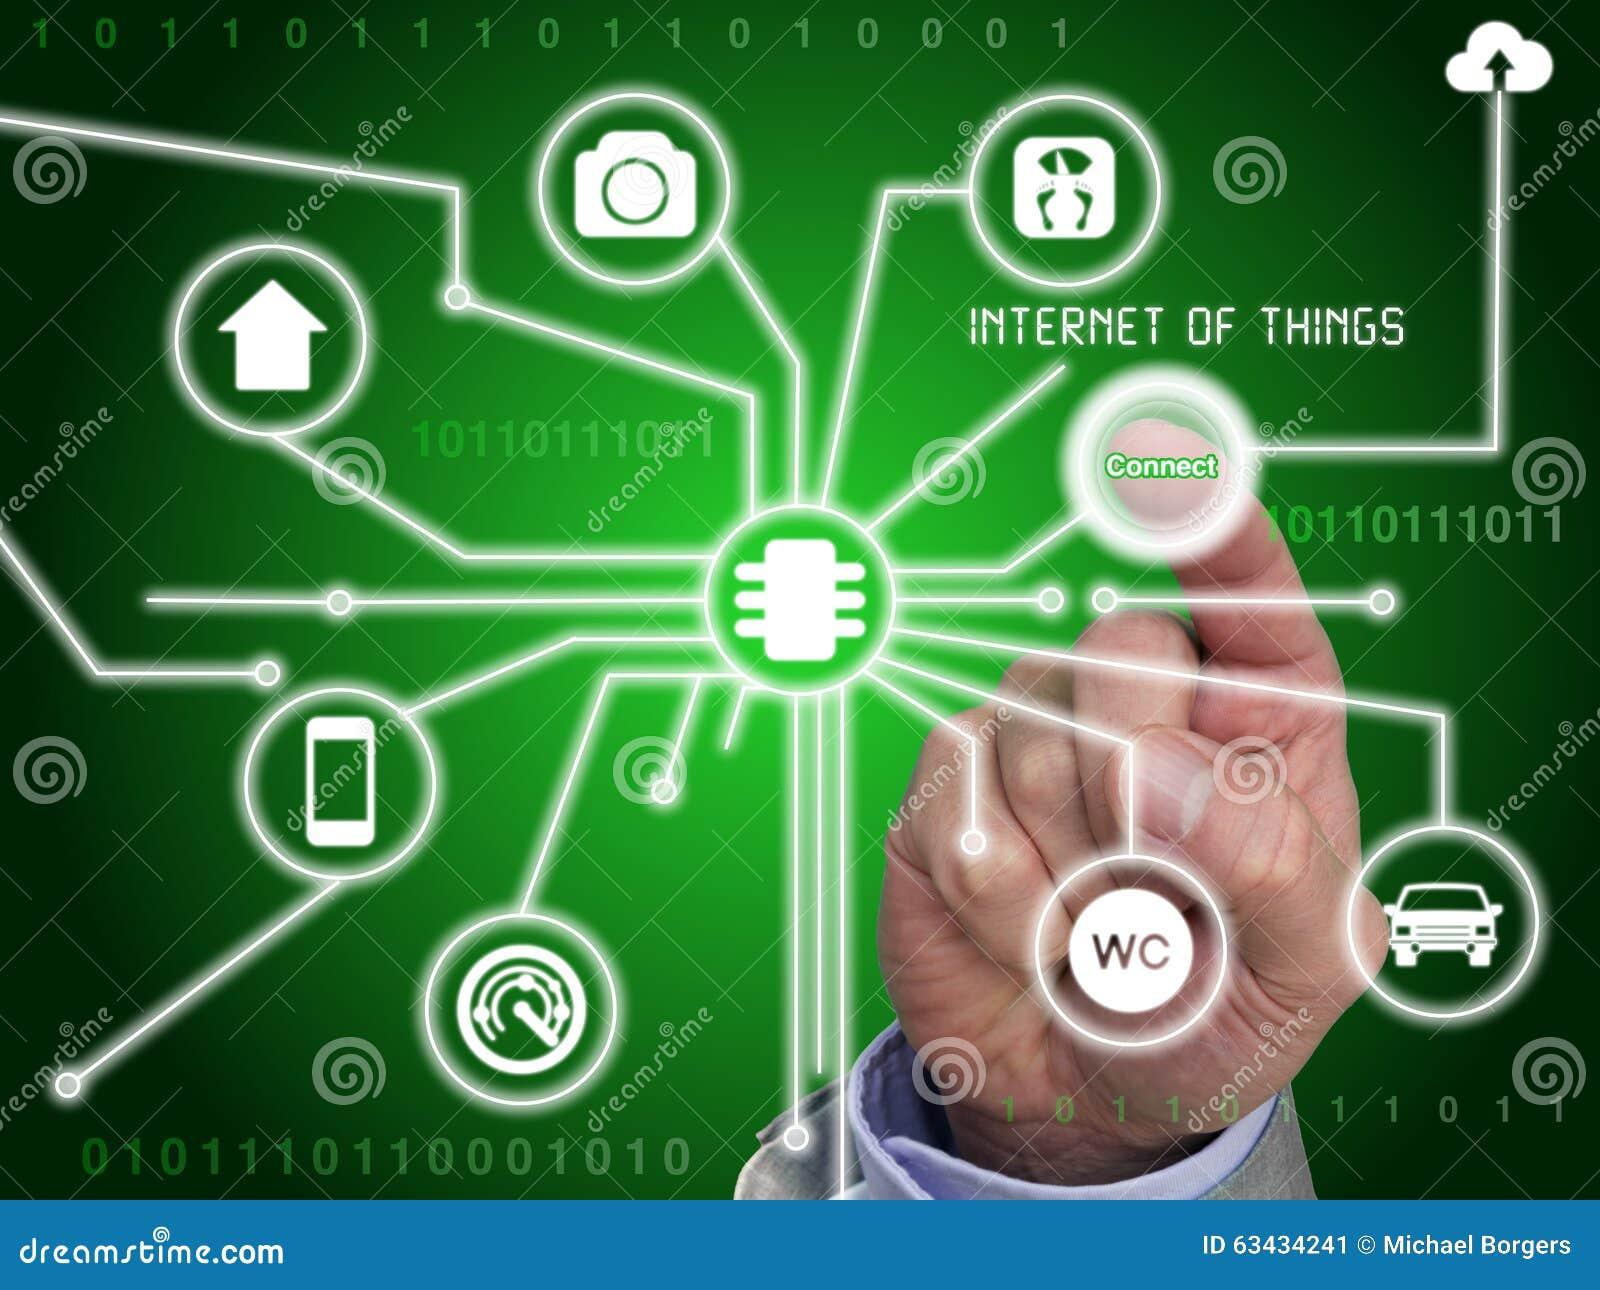 Το δάχτυλο πιέζει το κουμπί για να συνδέσει με το Διαδίκτυο